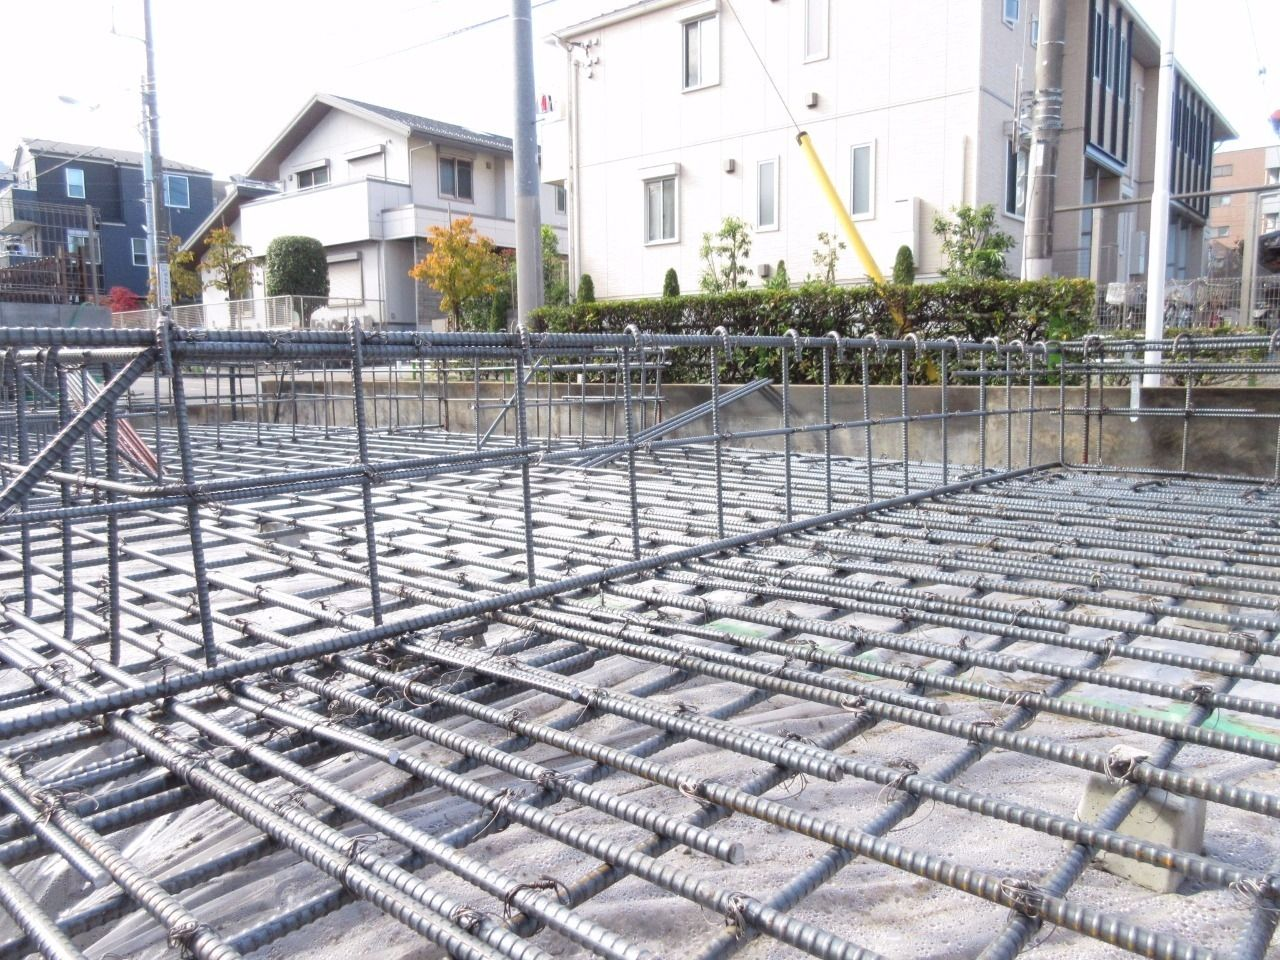 前回のブログから時間が経ってしまいましたが、少しずつ現場が動き始めました。 今日は建物の土台である基礎配筋をチェックしてきました。